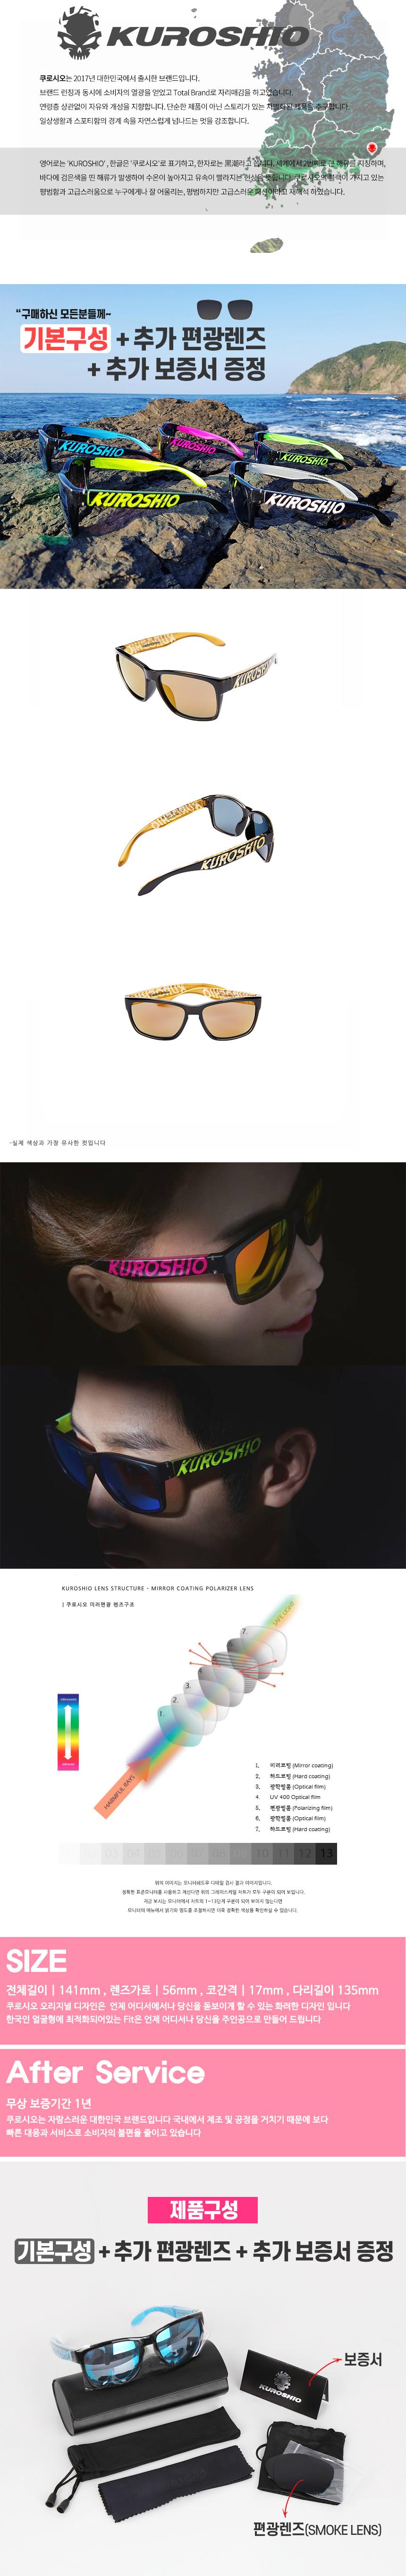 쿠로시오 오리지널 골드 유광 편광선글라스 렌즈 추가증정 보증서